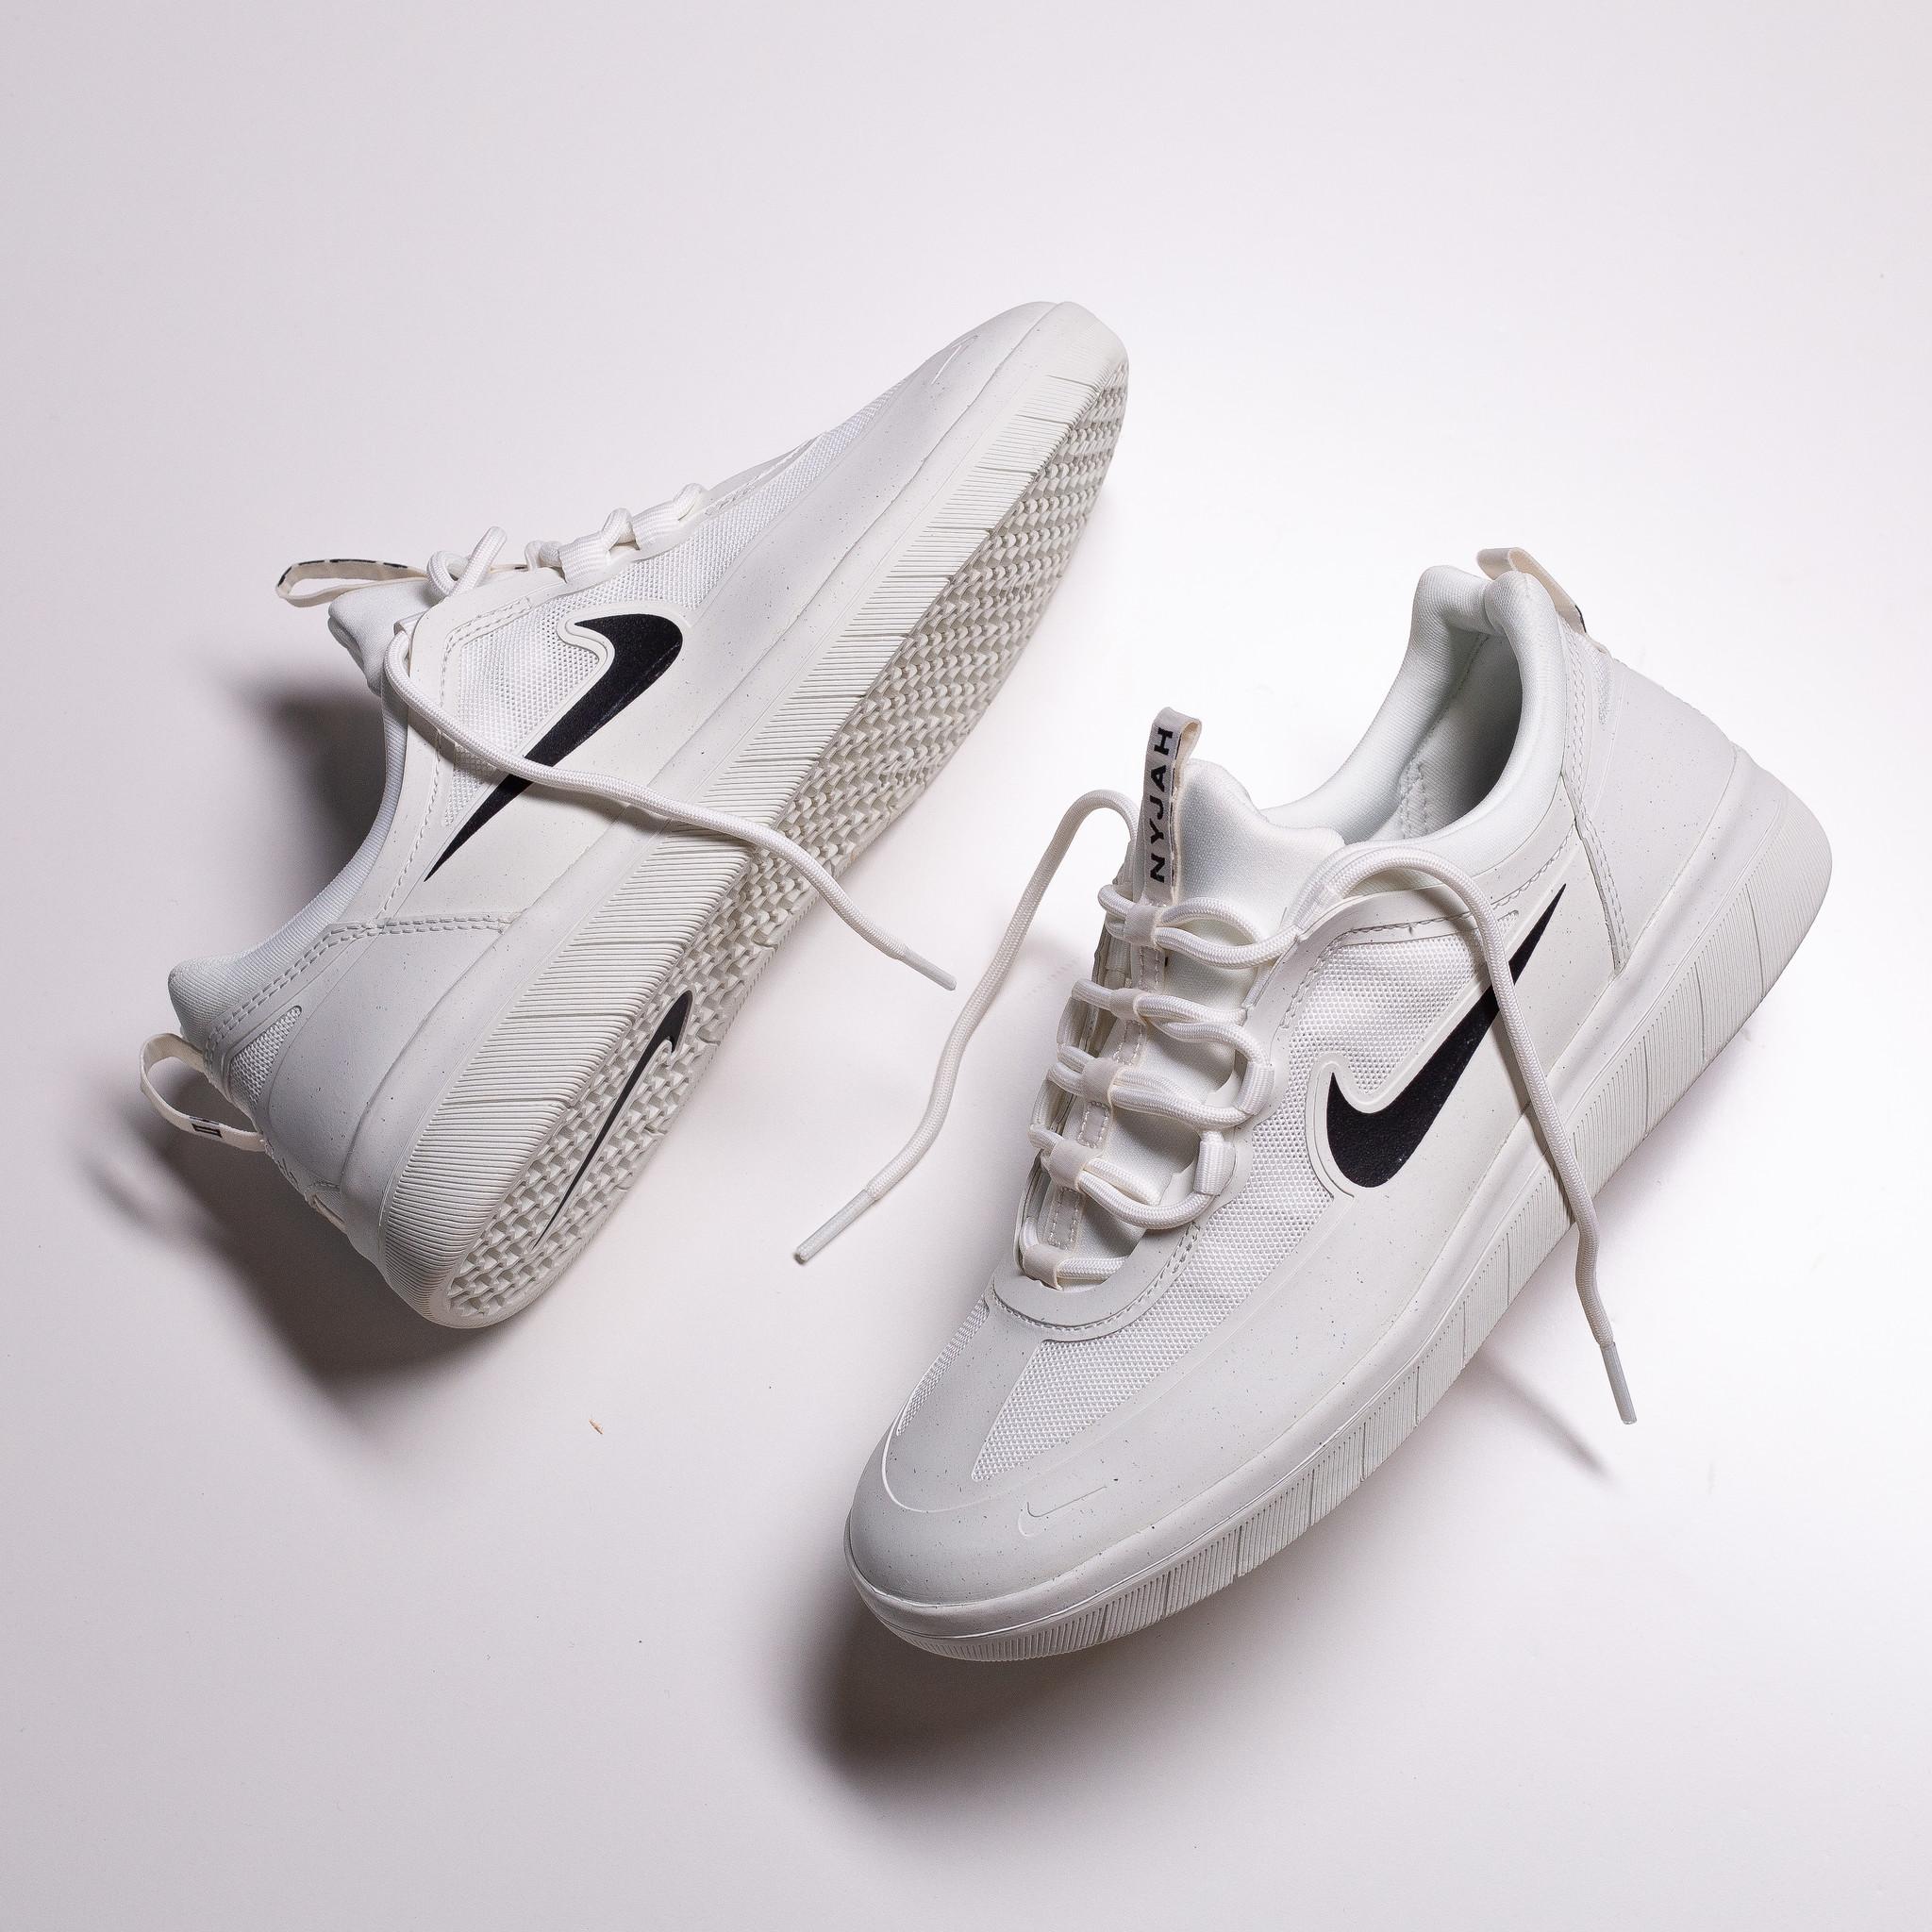 Nike SB Nyjah II summit white/black